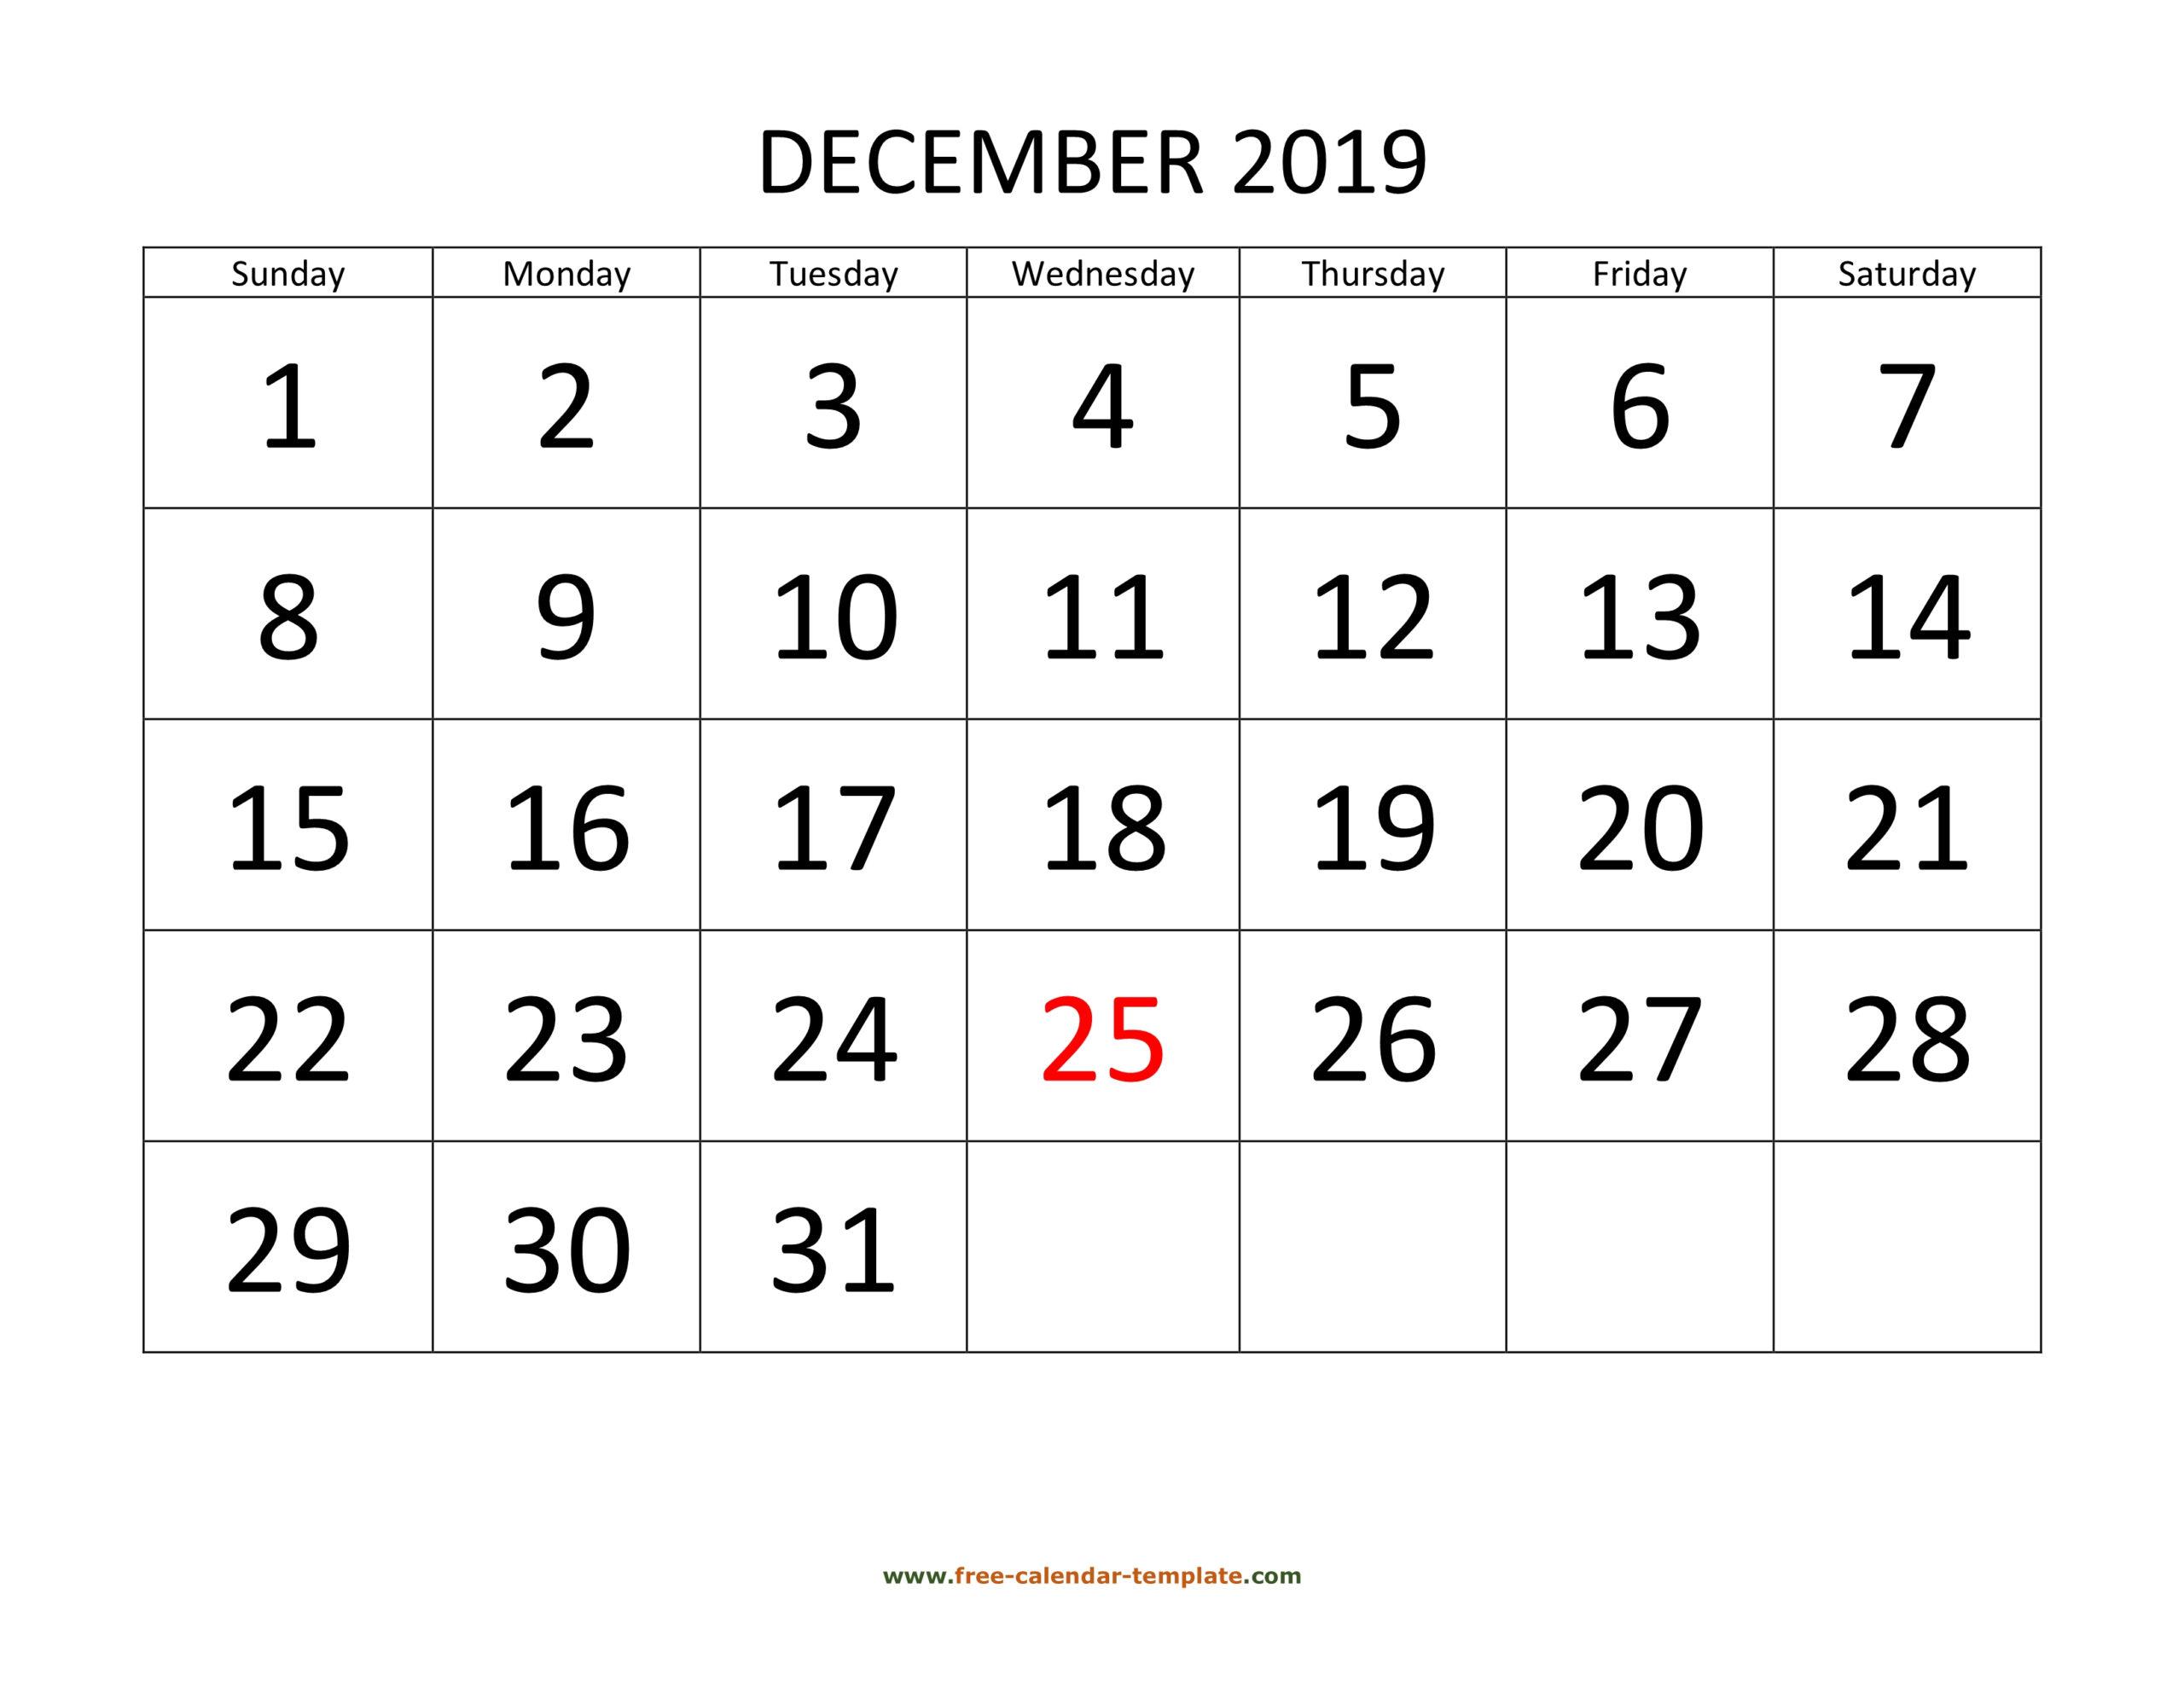 December 2019 Free Calendar Tempplate   Free-Calendar